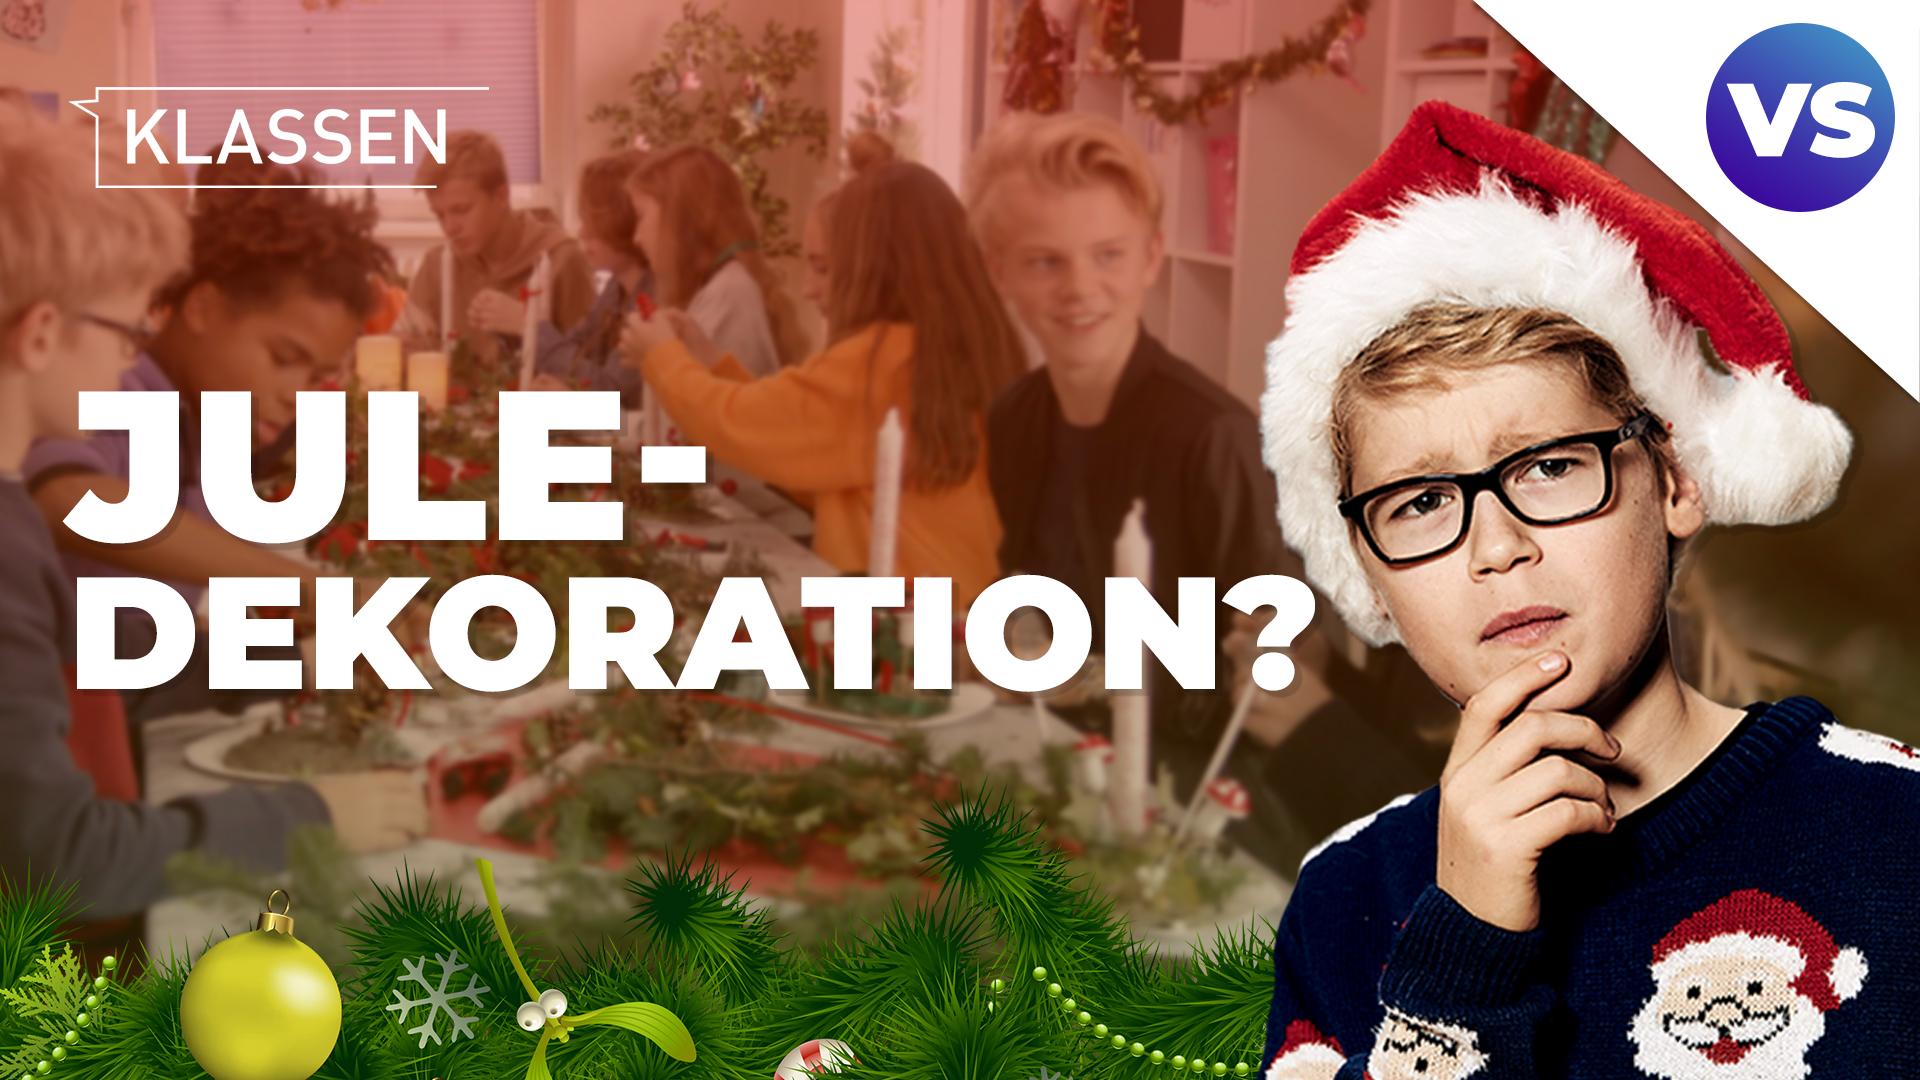 juledekoration-med-ikon.jpg